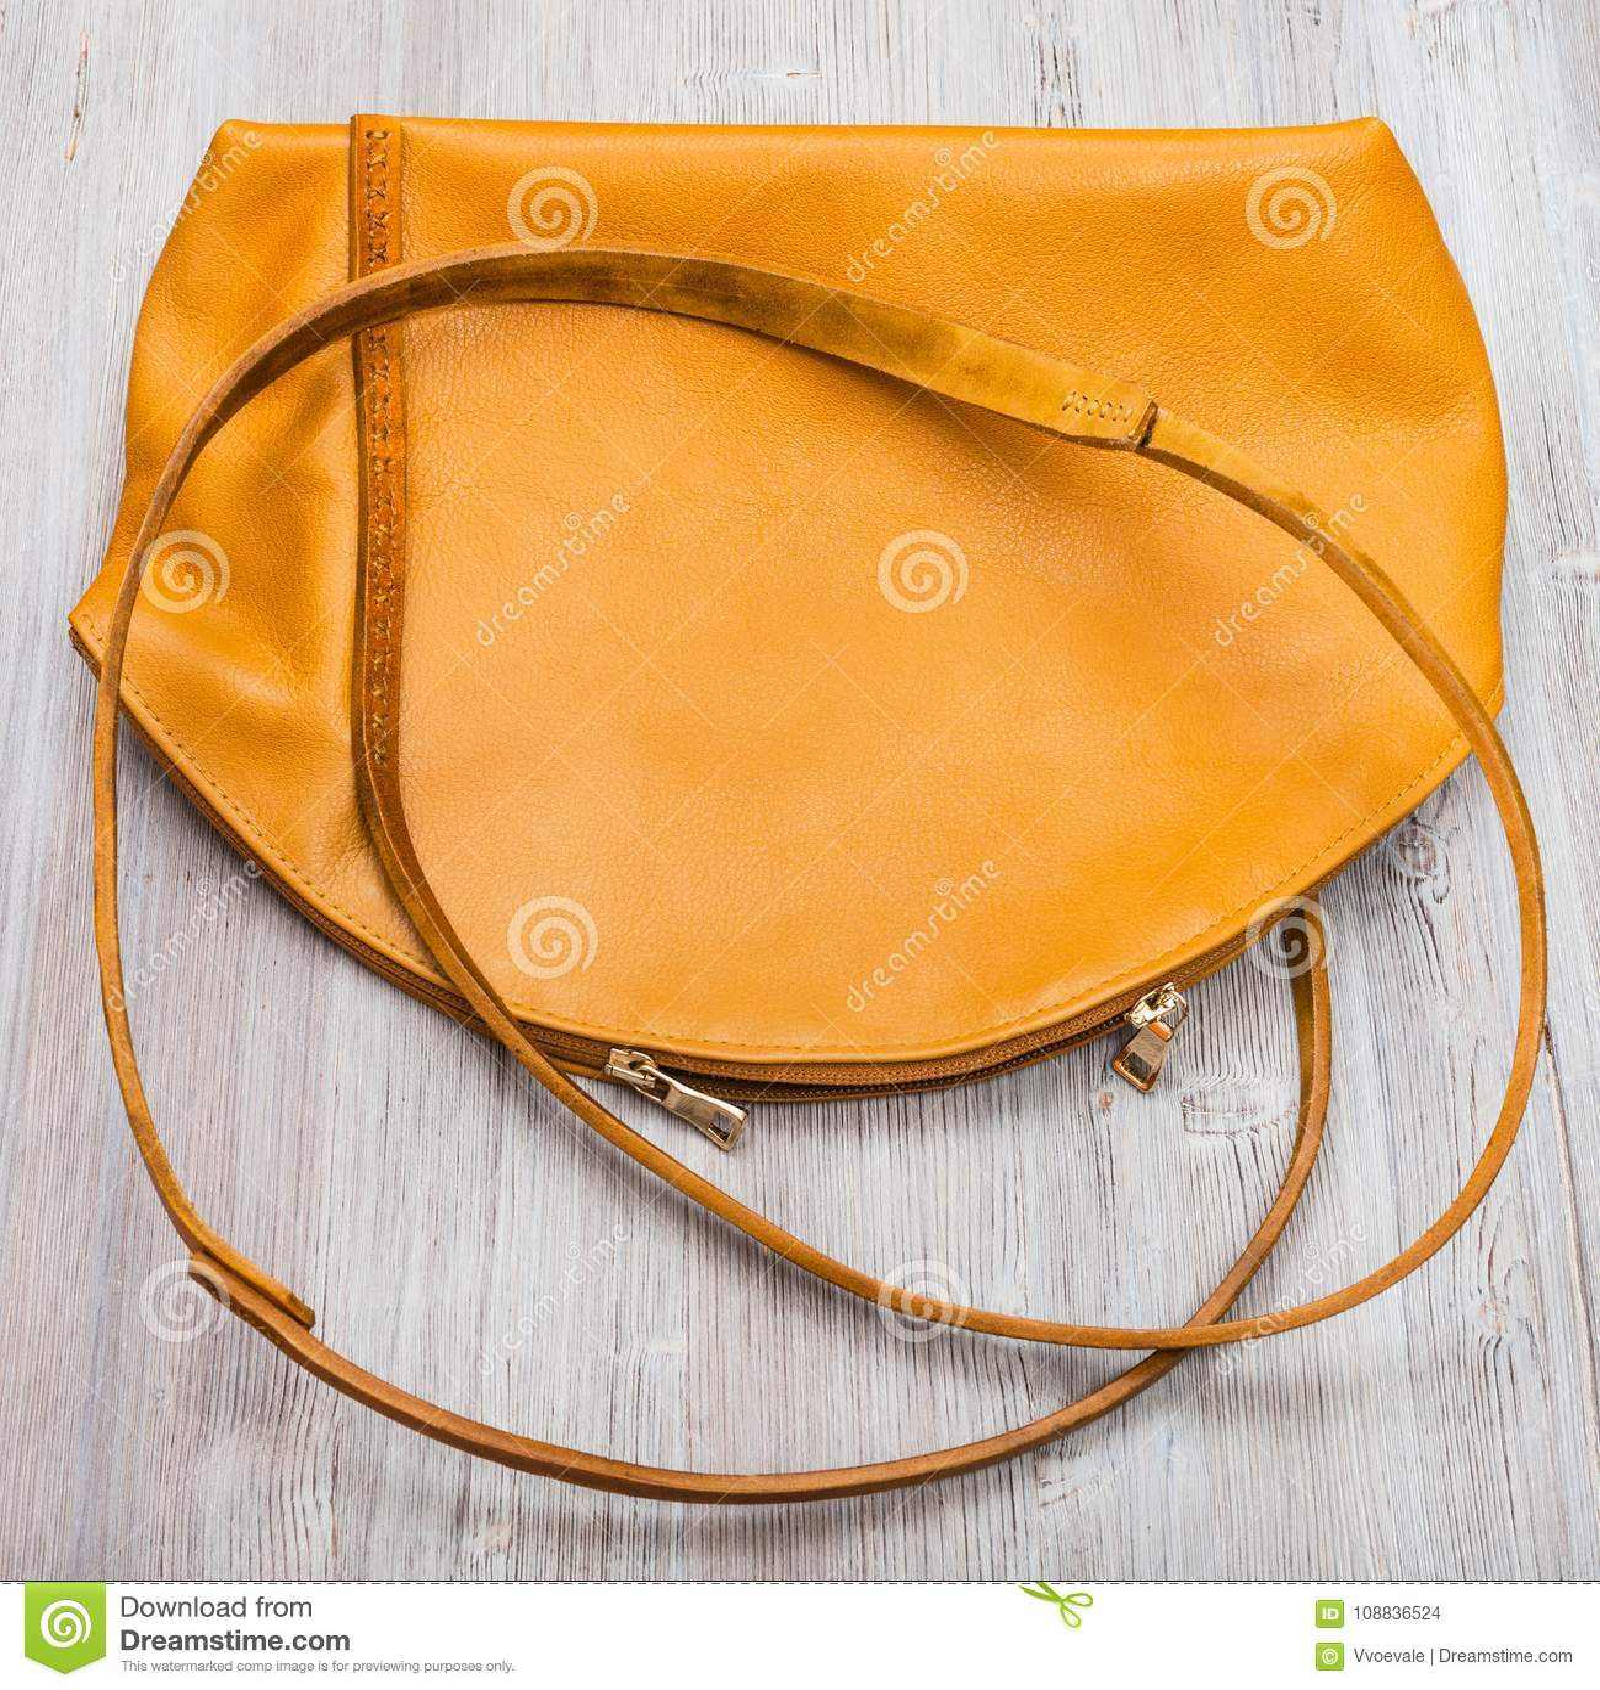 fa2f17feb lado-trasero-del-bolso-de-cuero-amarillo-hecho-mano-108836524.jpg